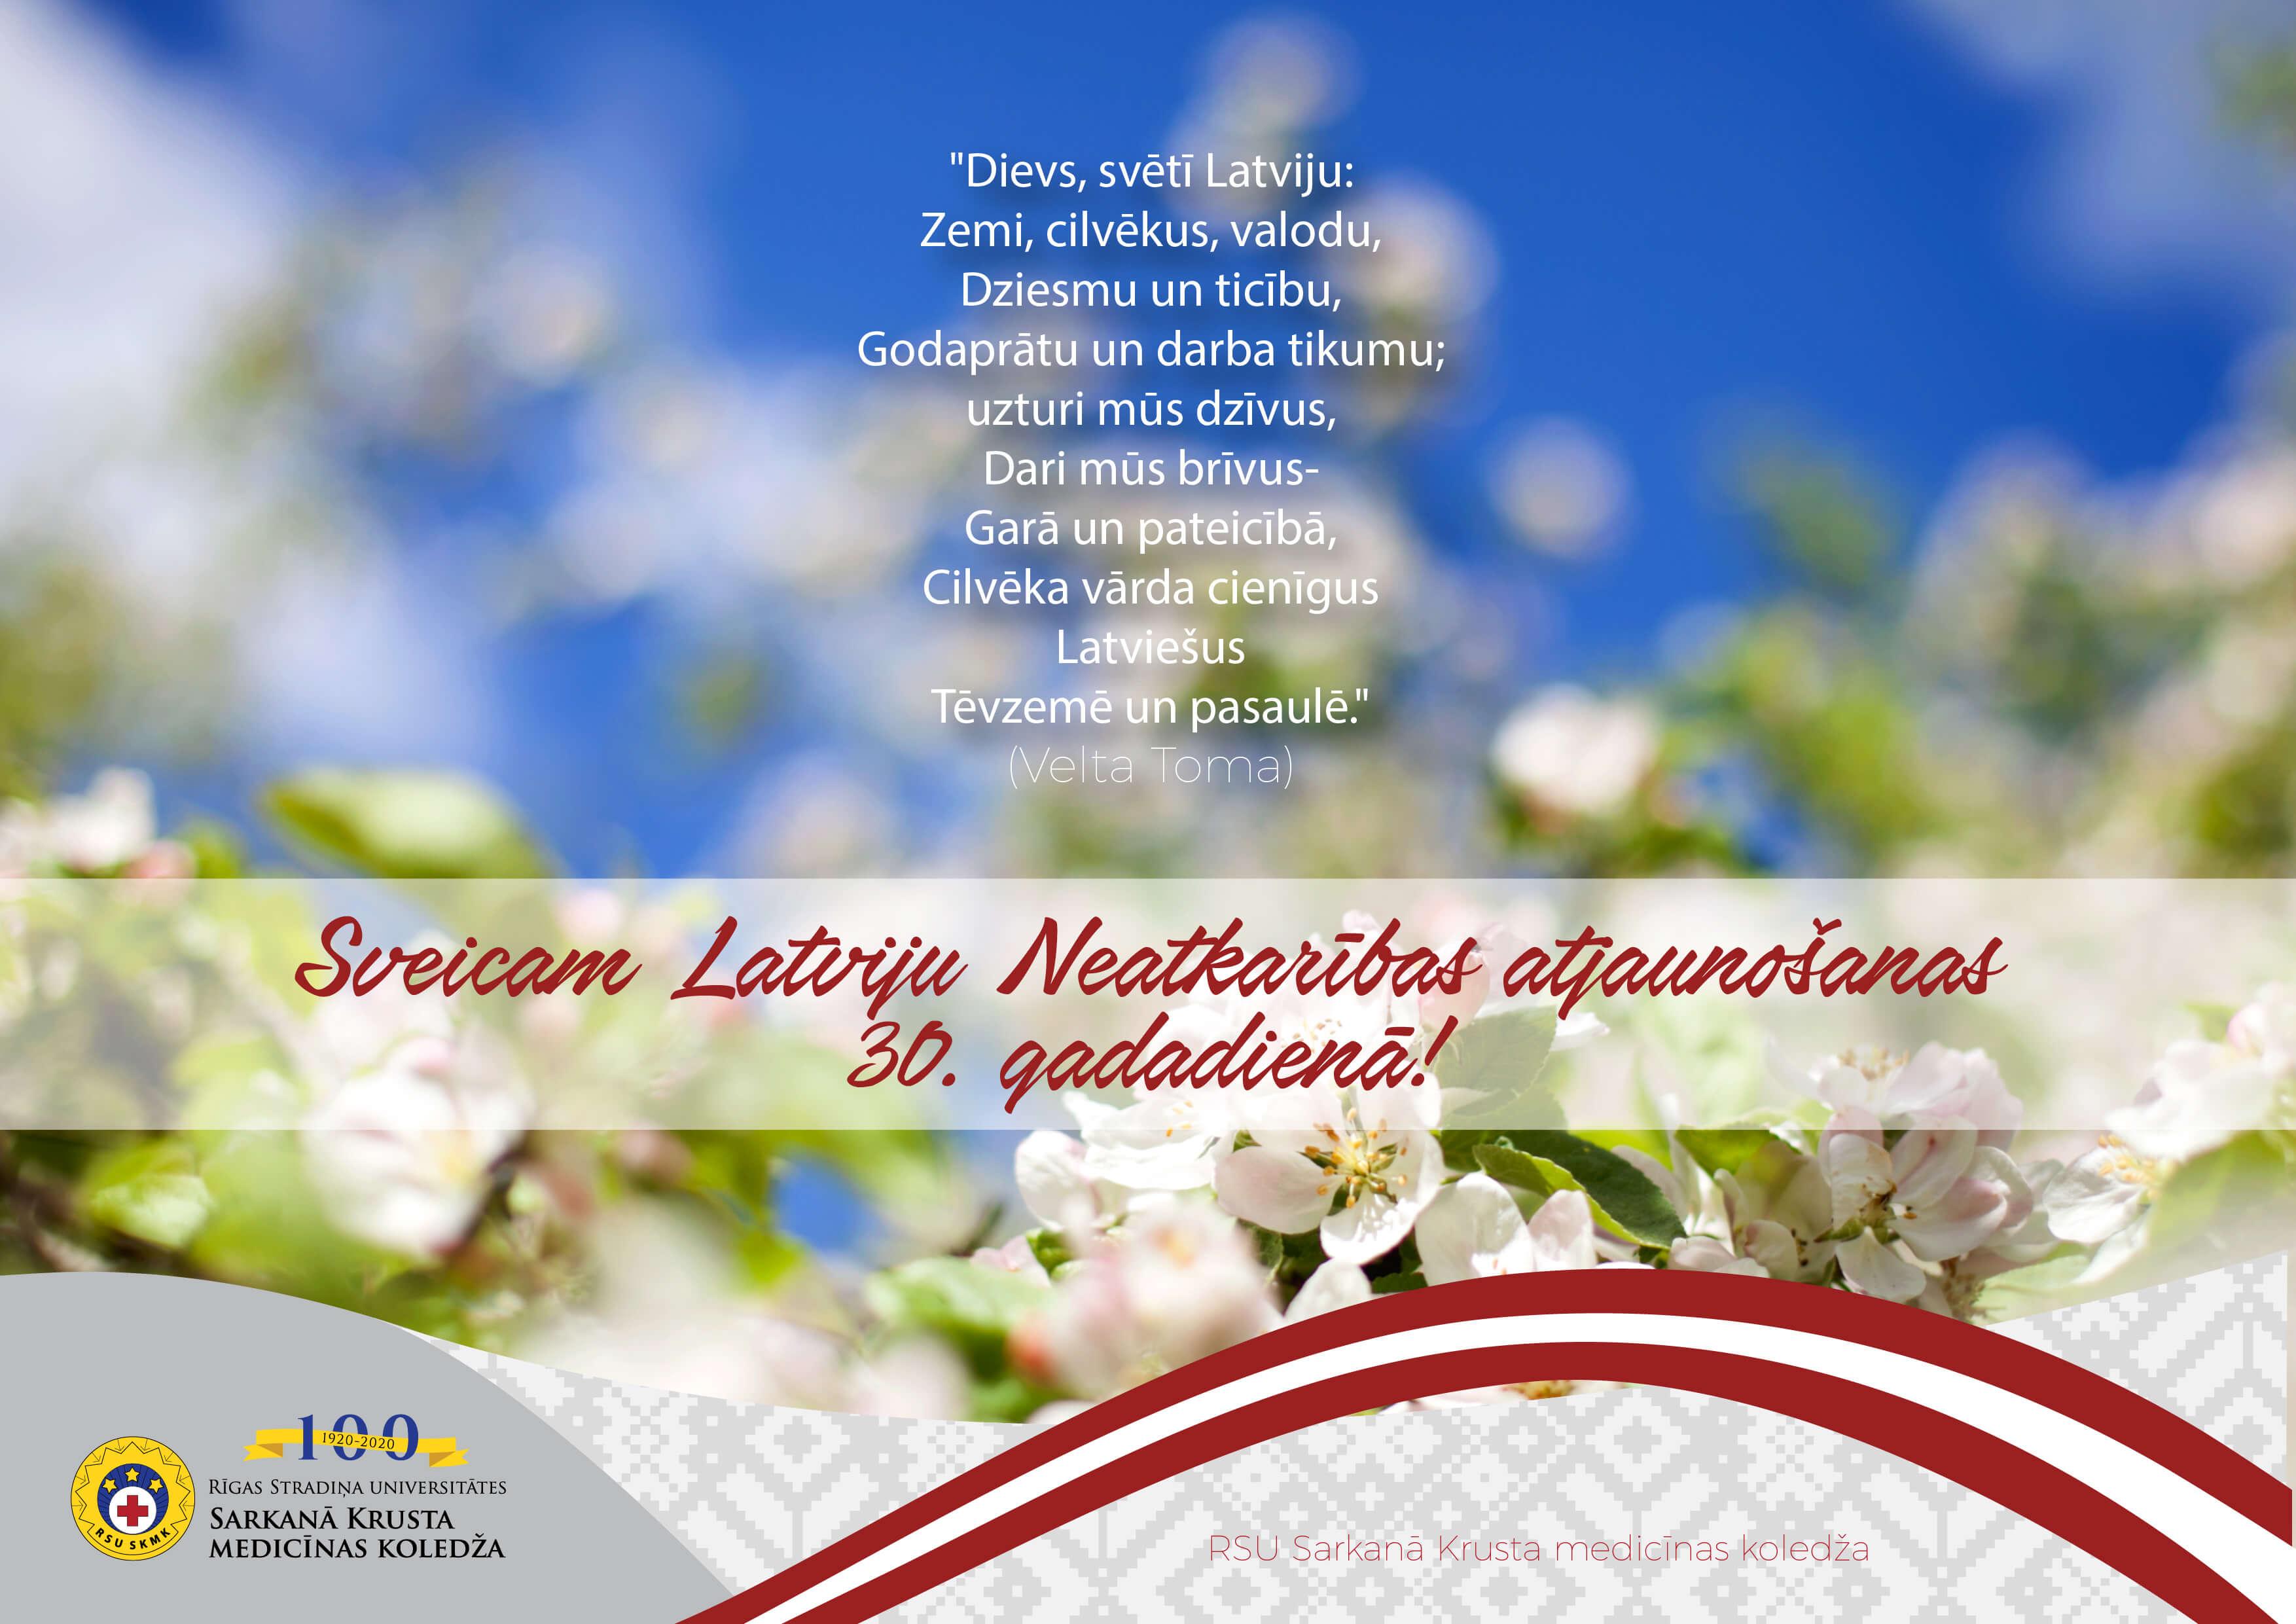 rcmc-Sveicam Latvijas Republikas Neatkarības atjaunošanas gadadienā_RSU SKMK